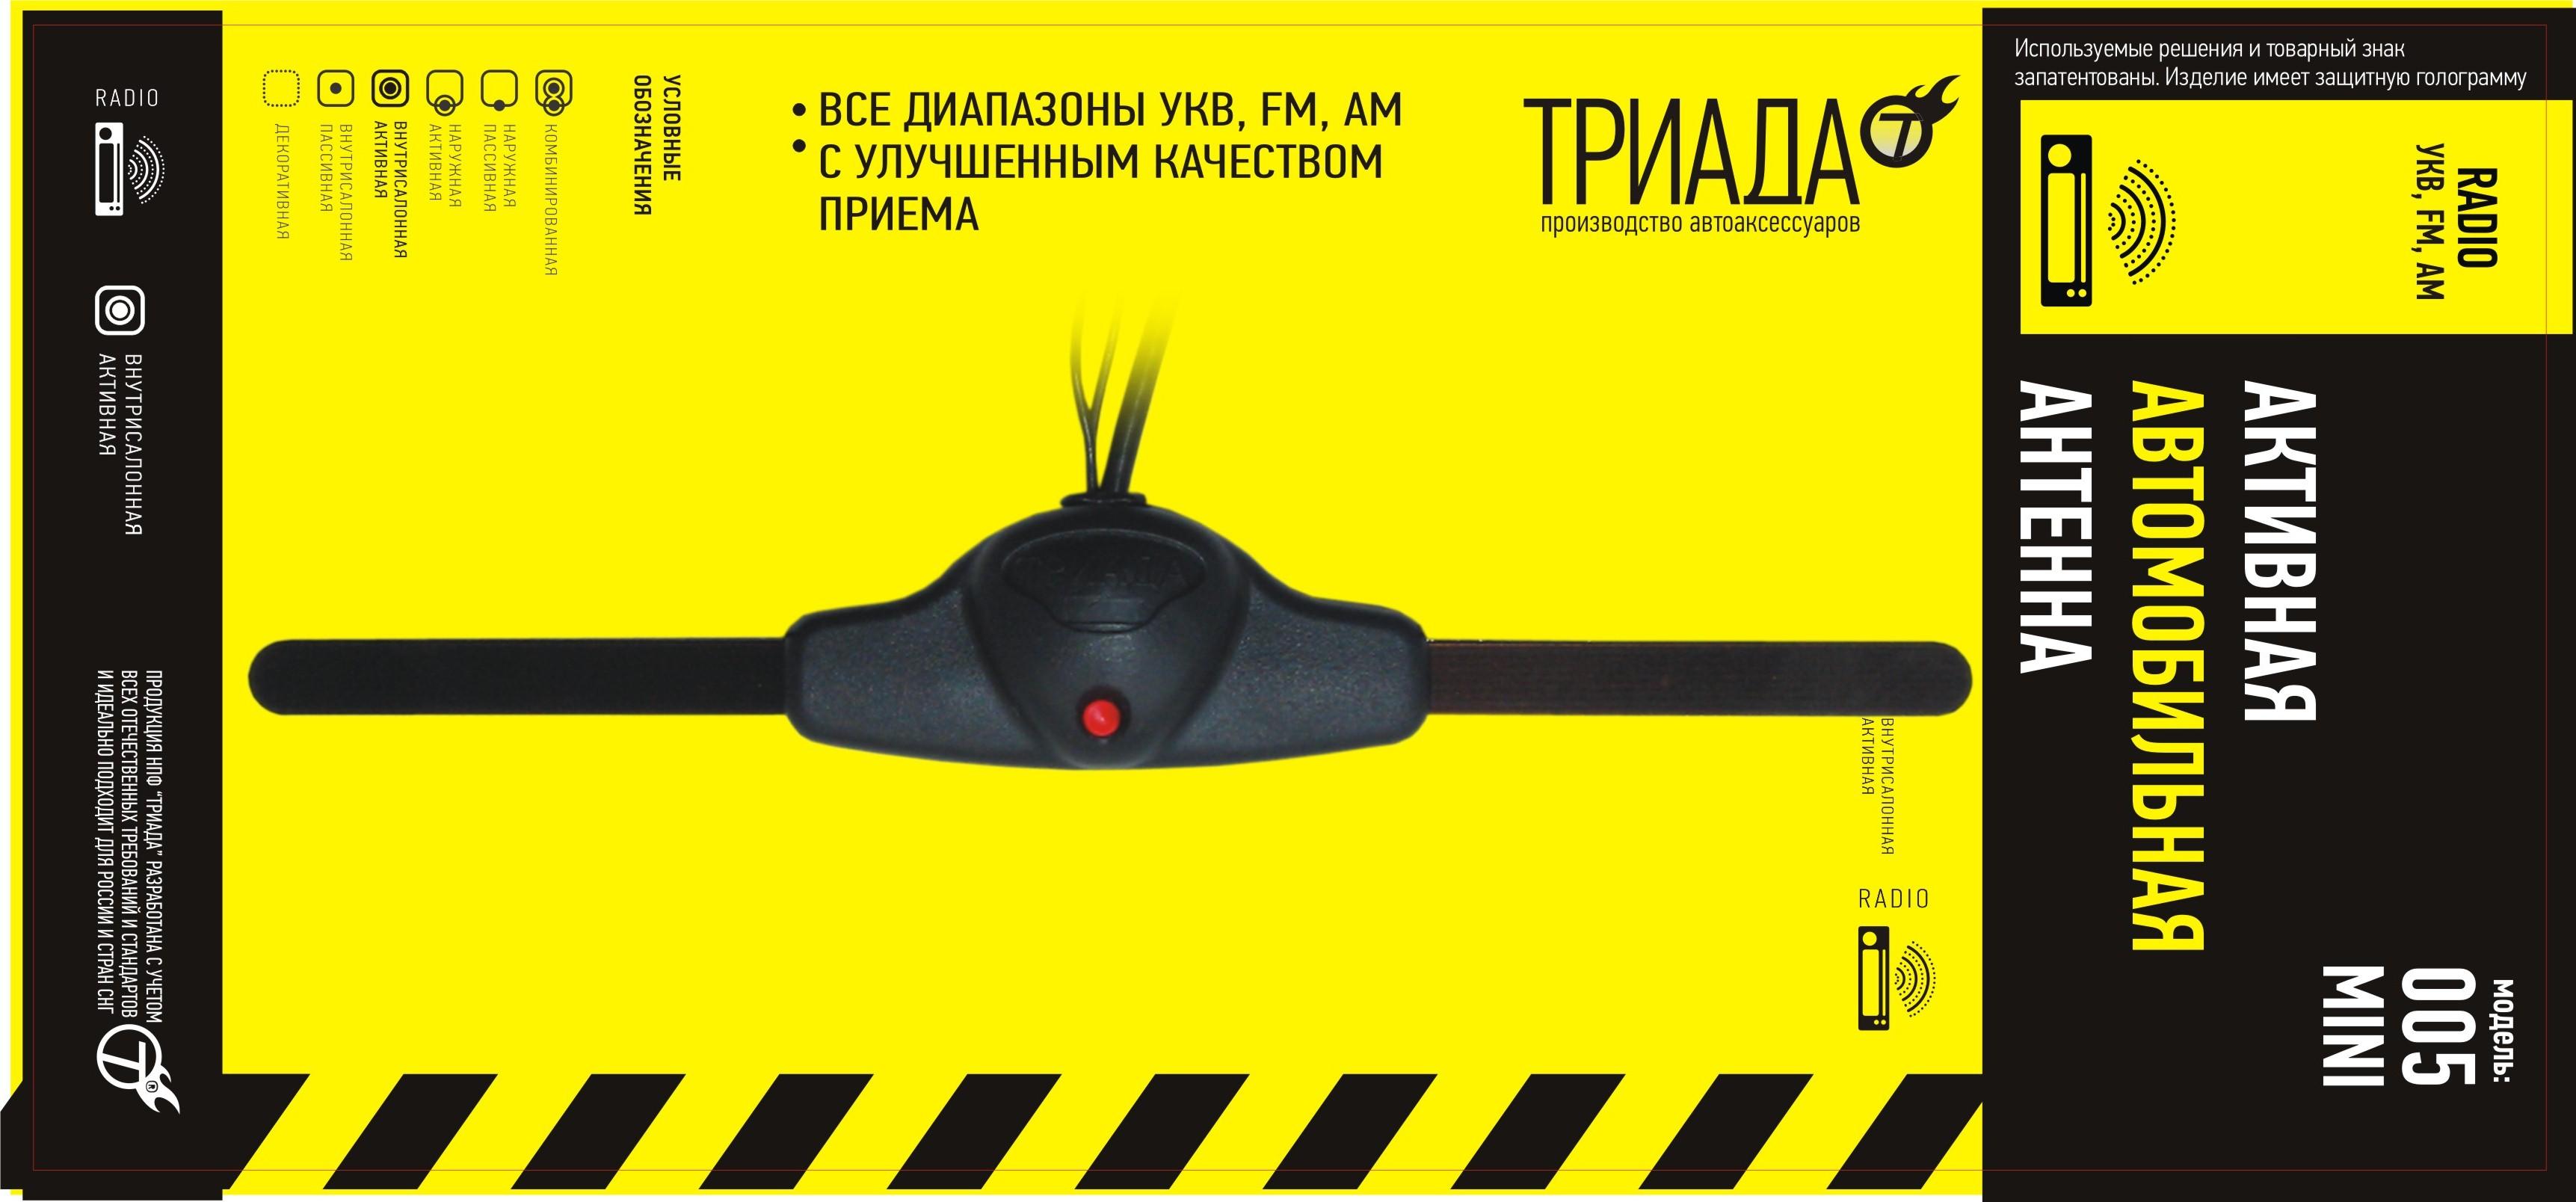 Антенна Триада 004 Mini